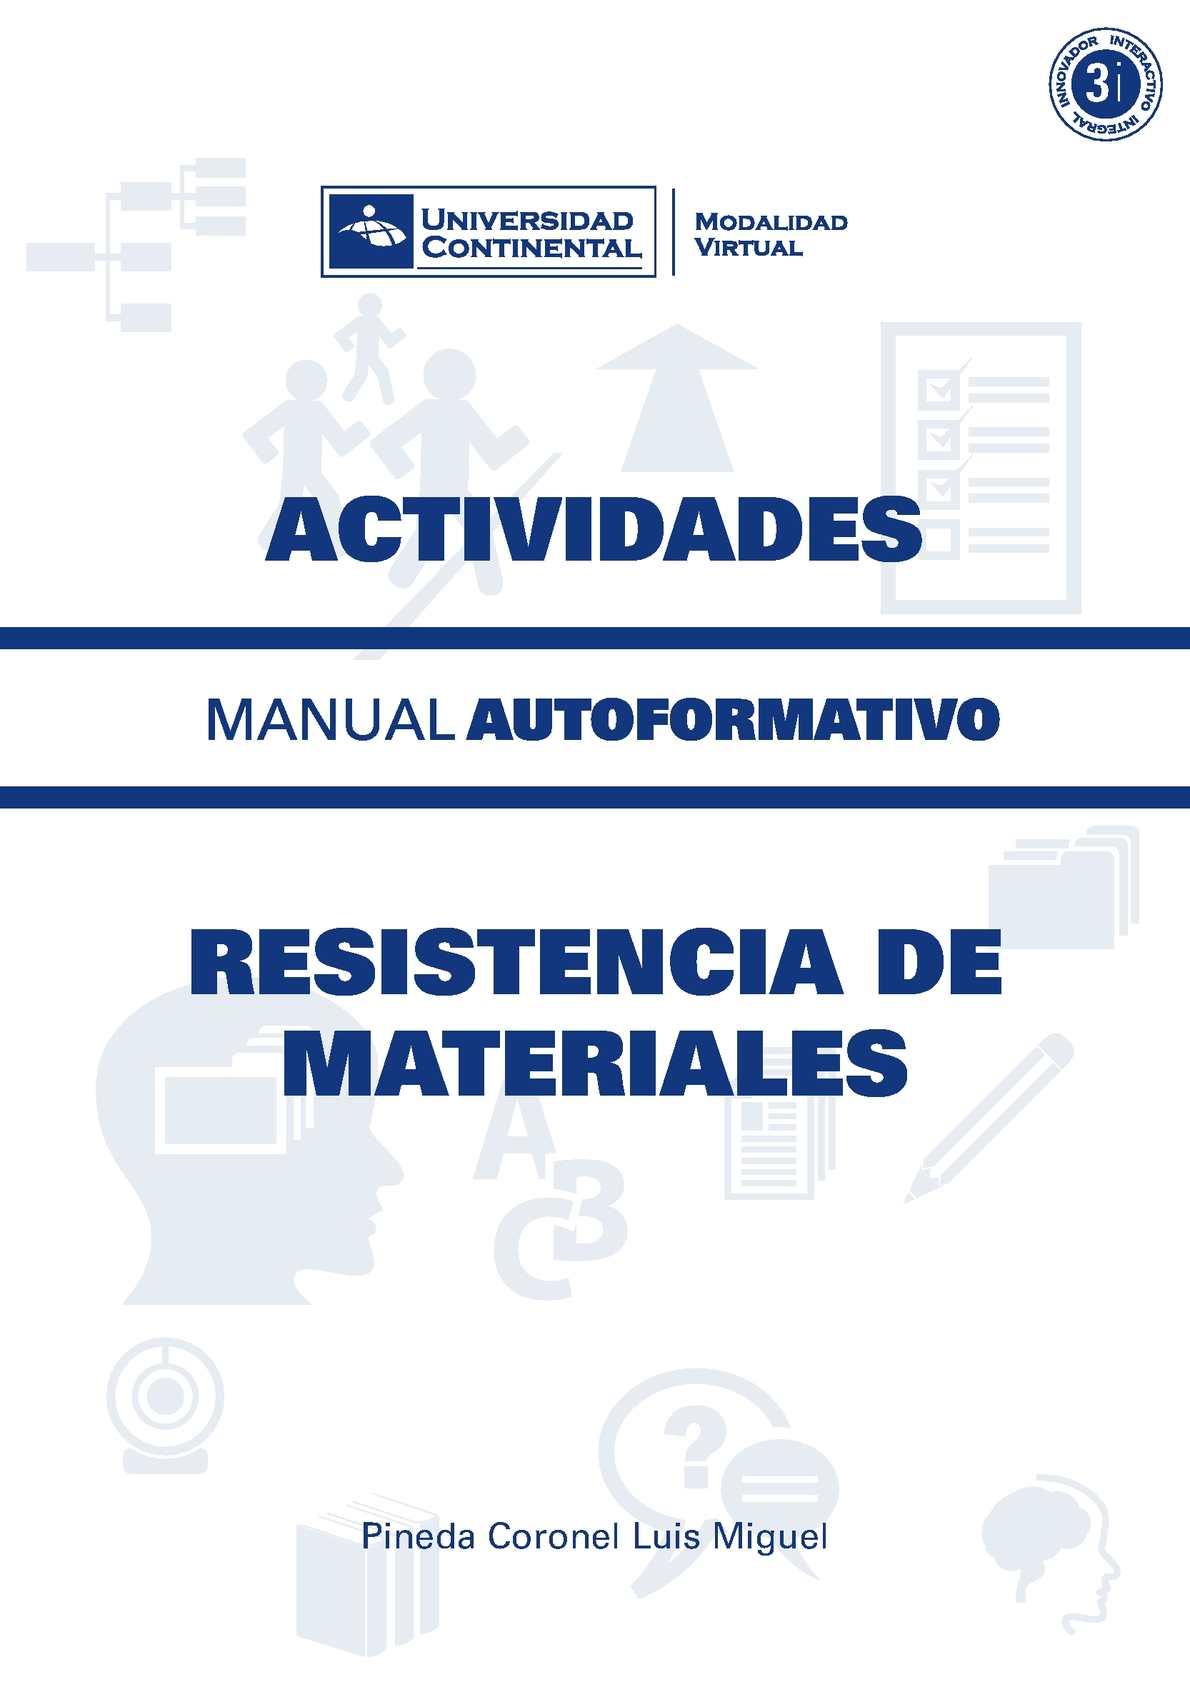 A0417 MA Resistencia De Materiales ACT ED1 V1 U1 2015